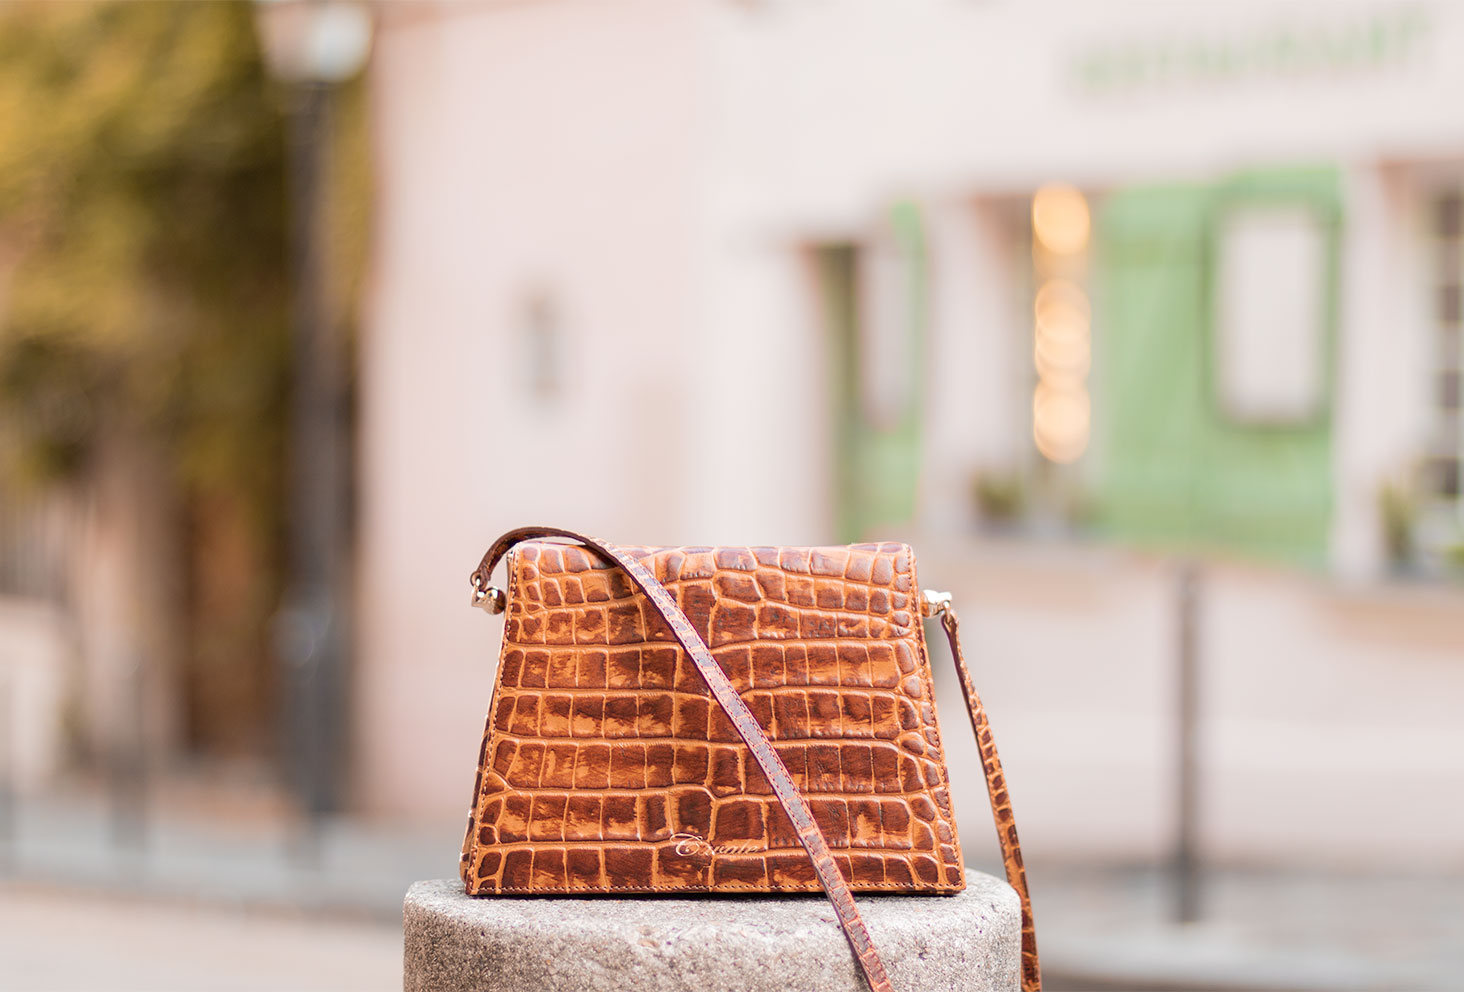 Le sac Capri de Cavale Paris en cuir effet croco marron, posé sur un plot en béton devant la Maison Rose de Montmartre